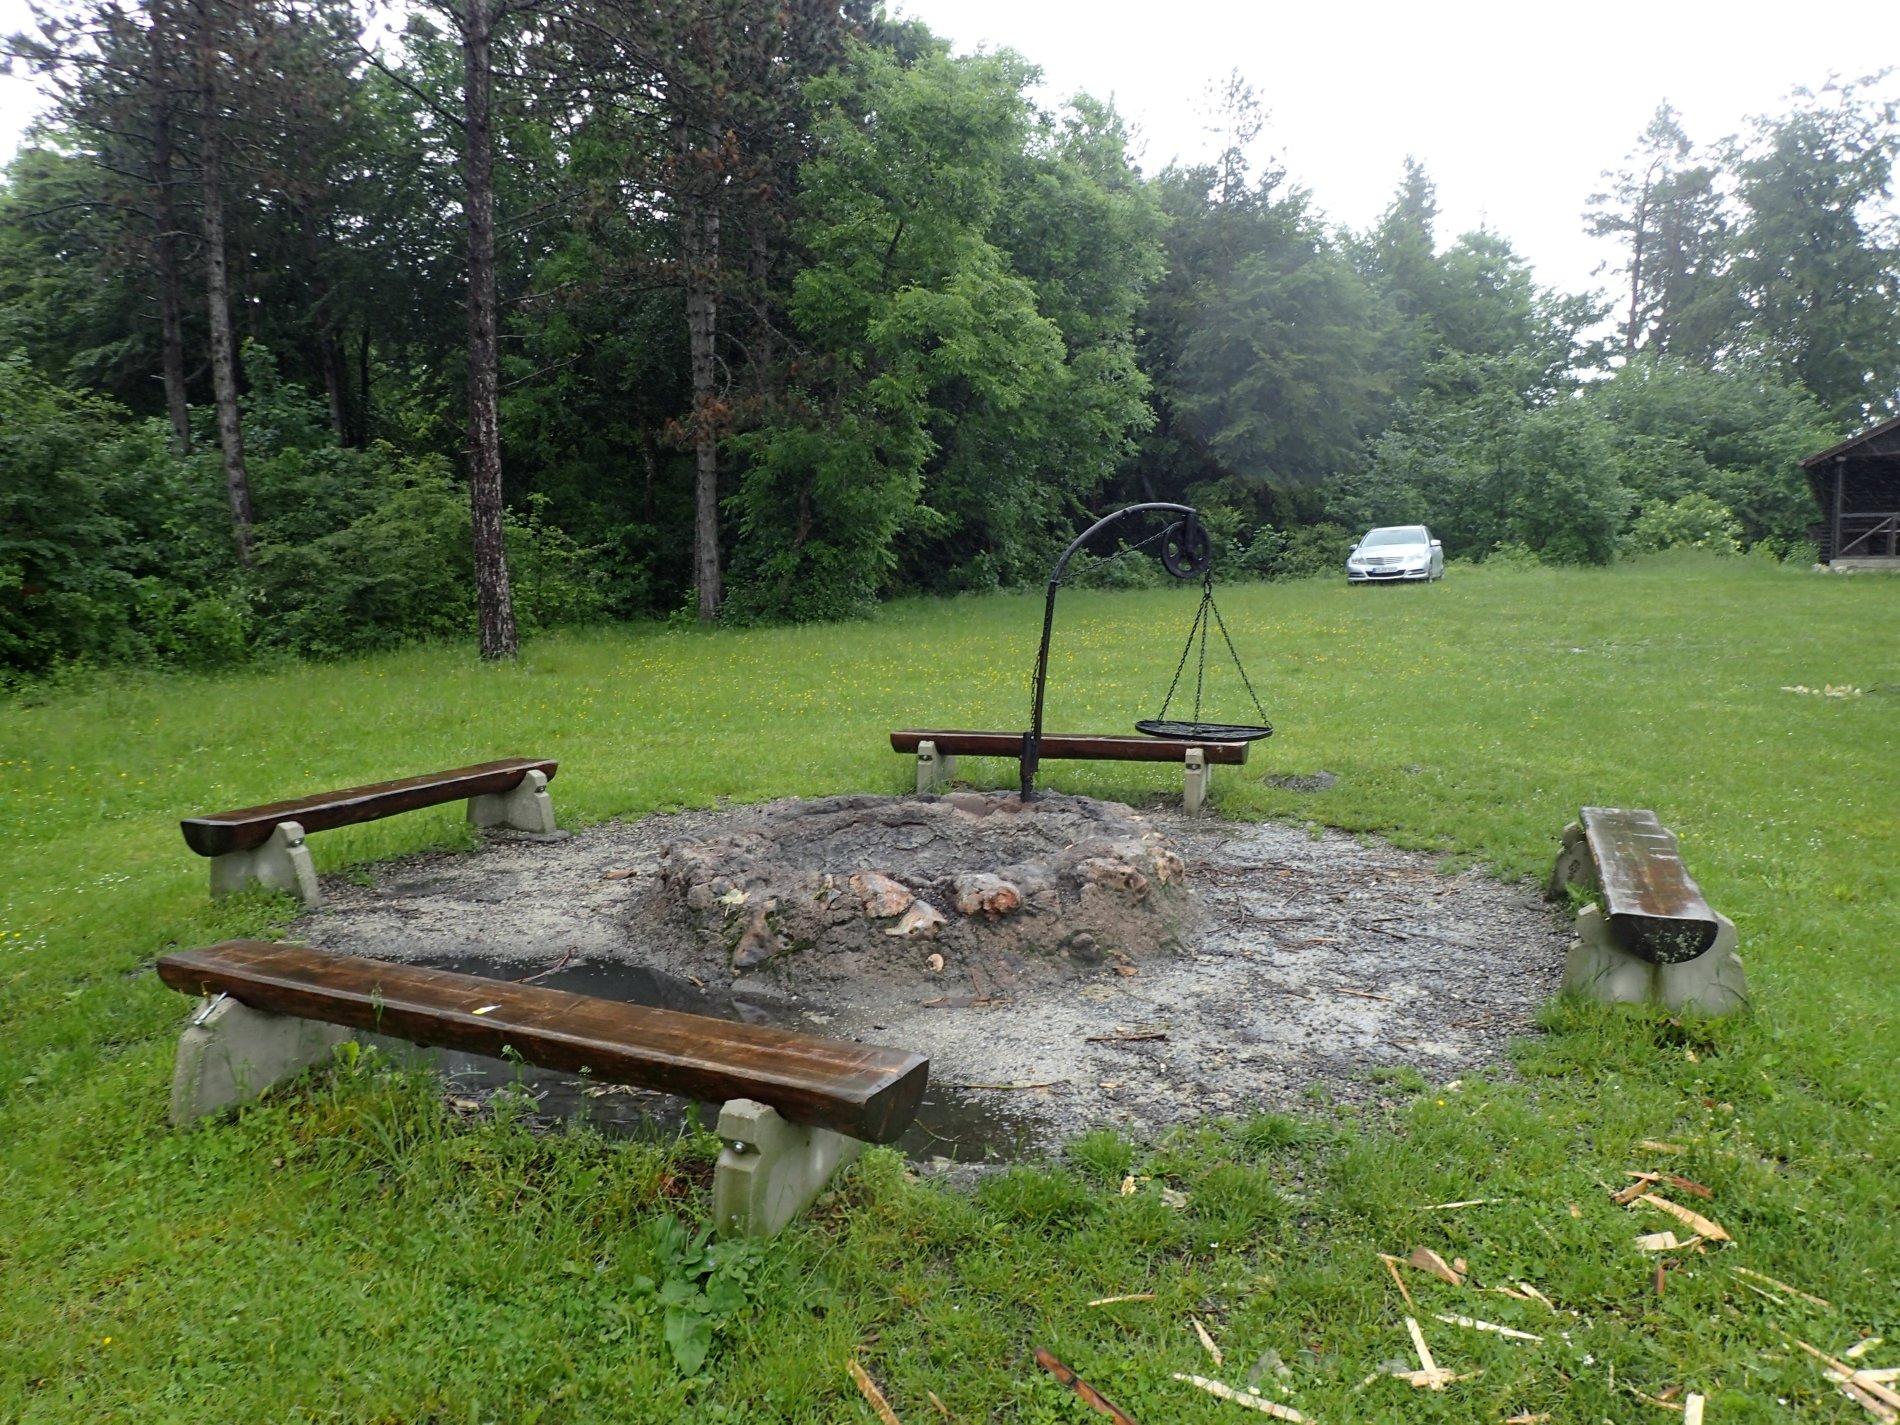 Grillplatz an der CVJM Hütte am Traufgang Wacholderhöhe